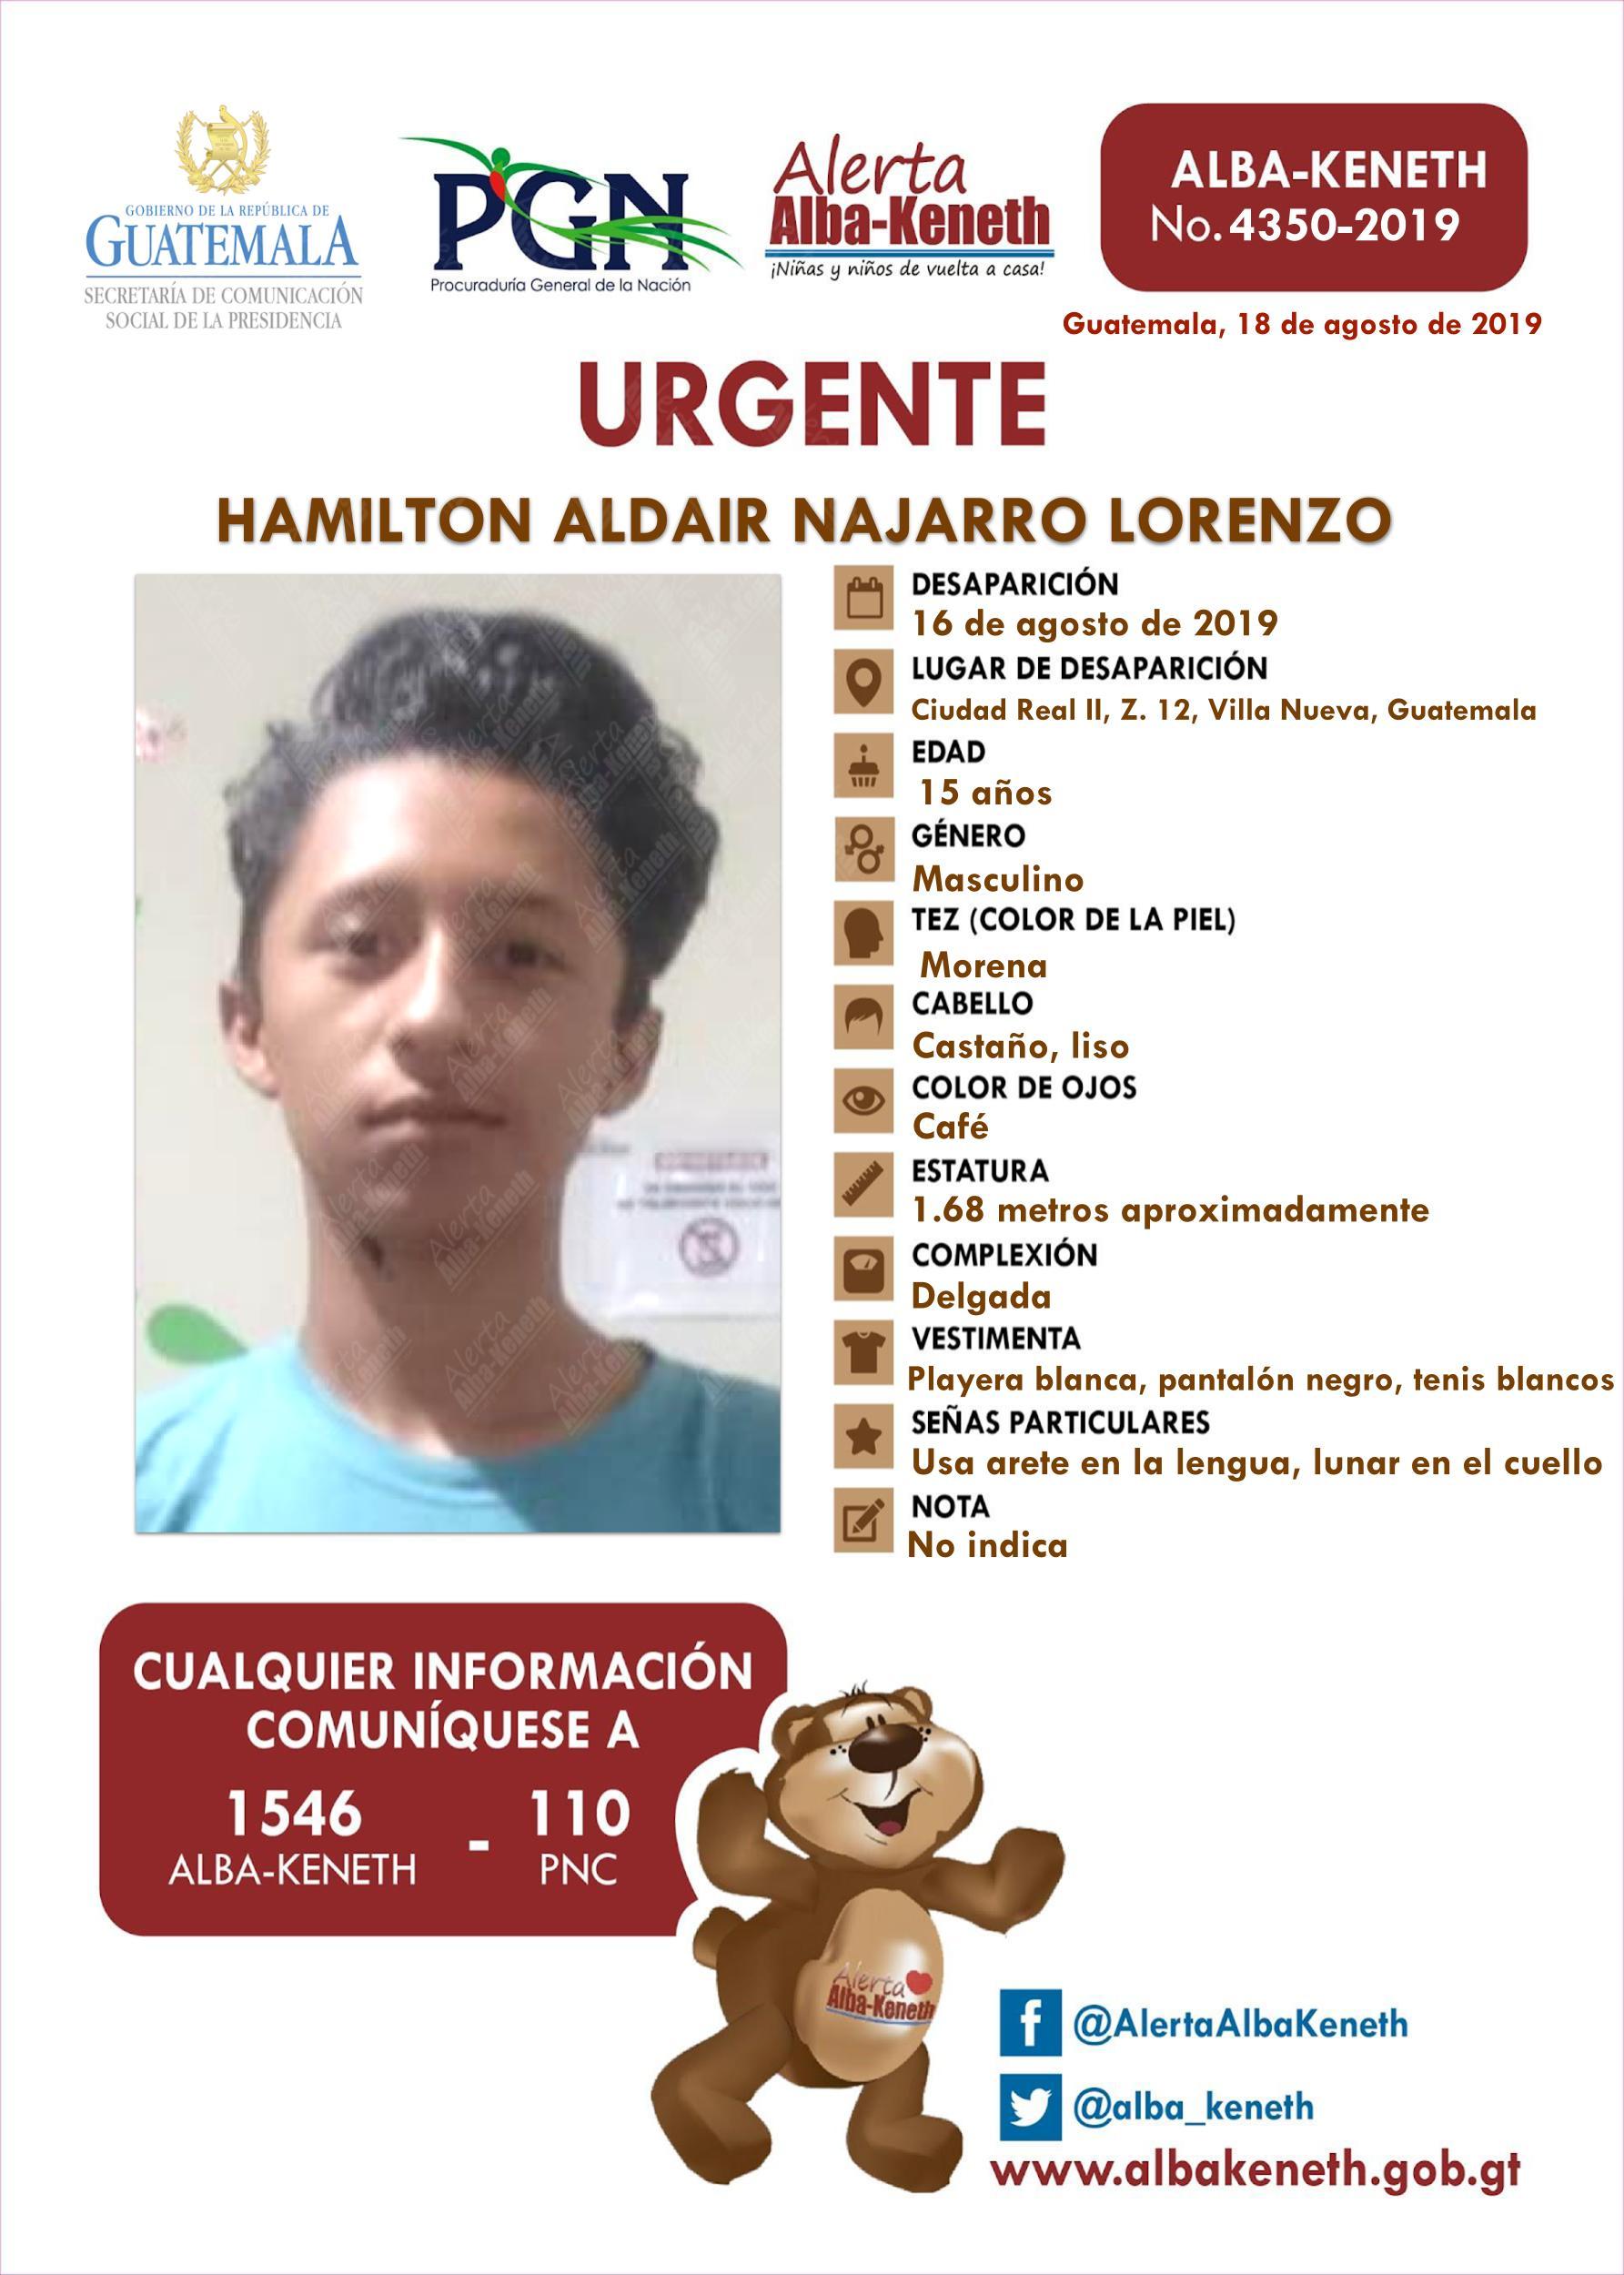 Hamilton Aldair Najarro Lorenzo